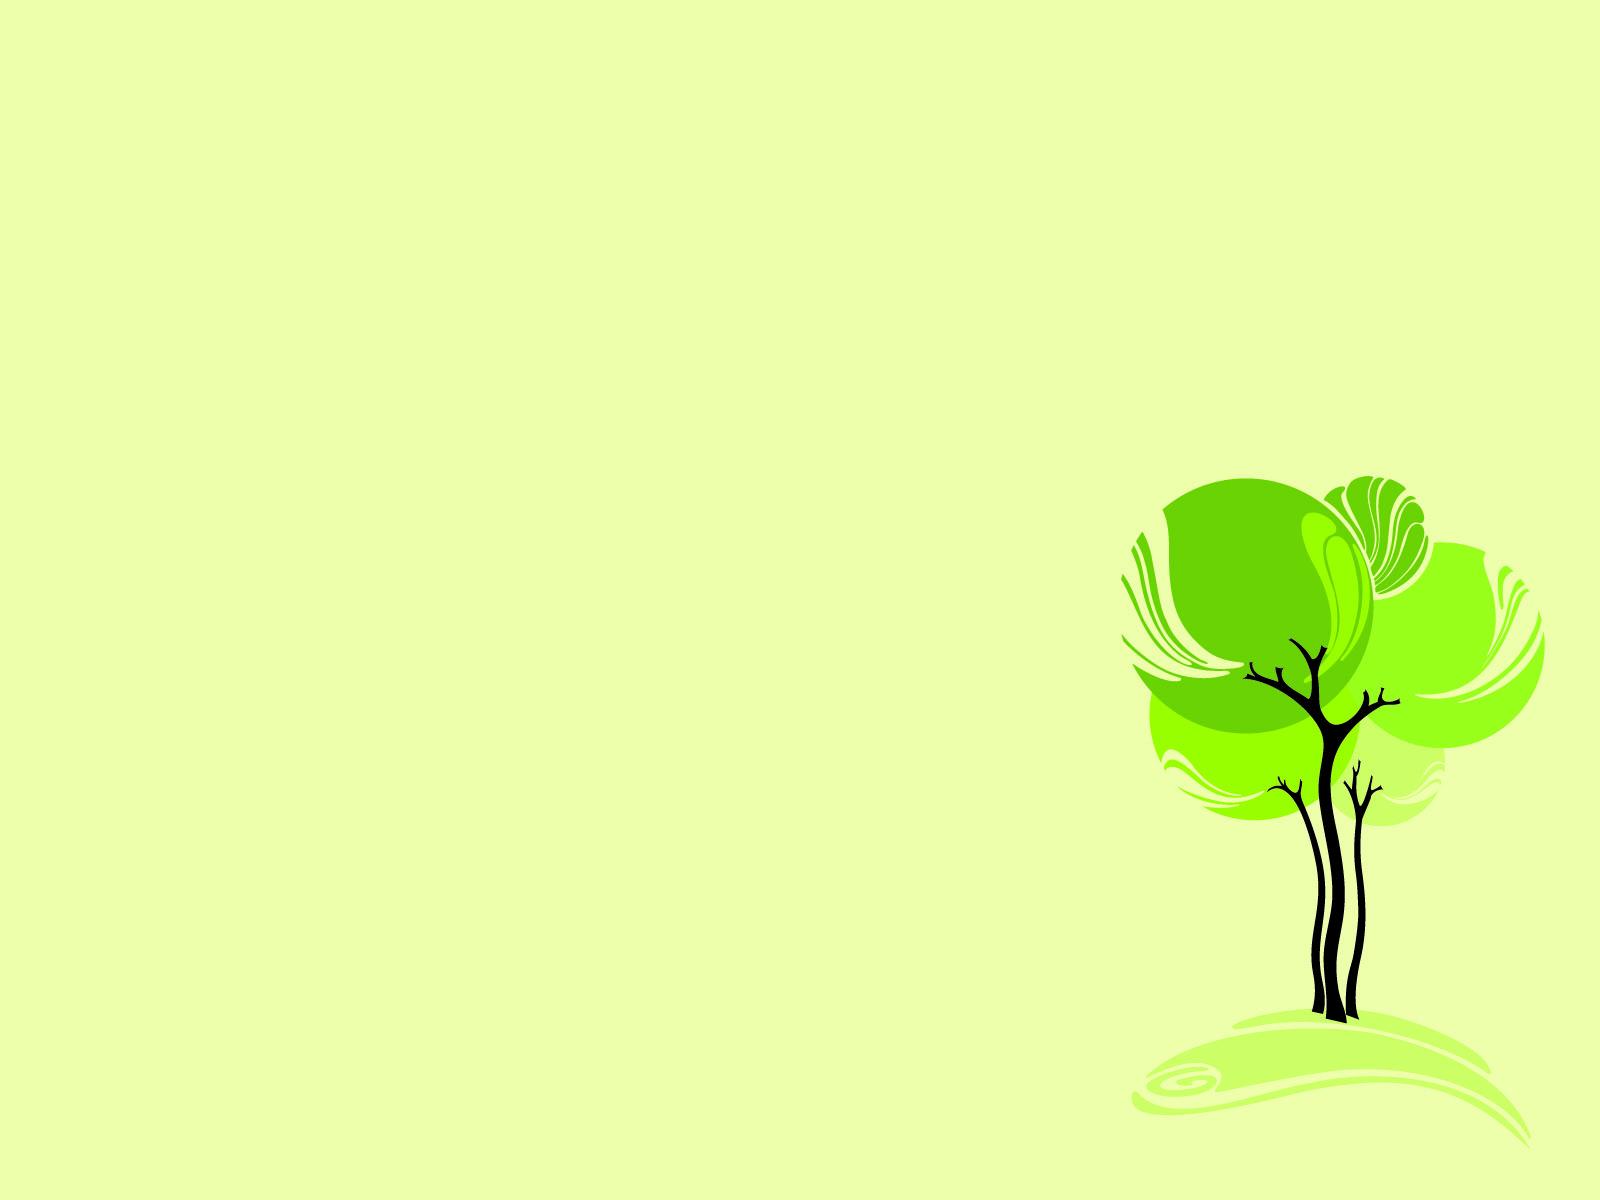 Ảnh nền power point cây xanh lá